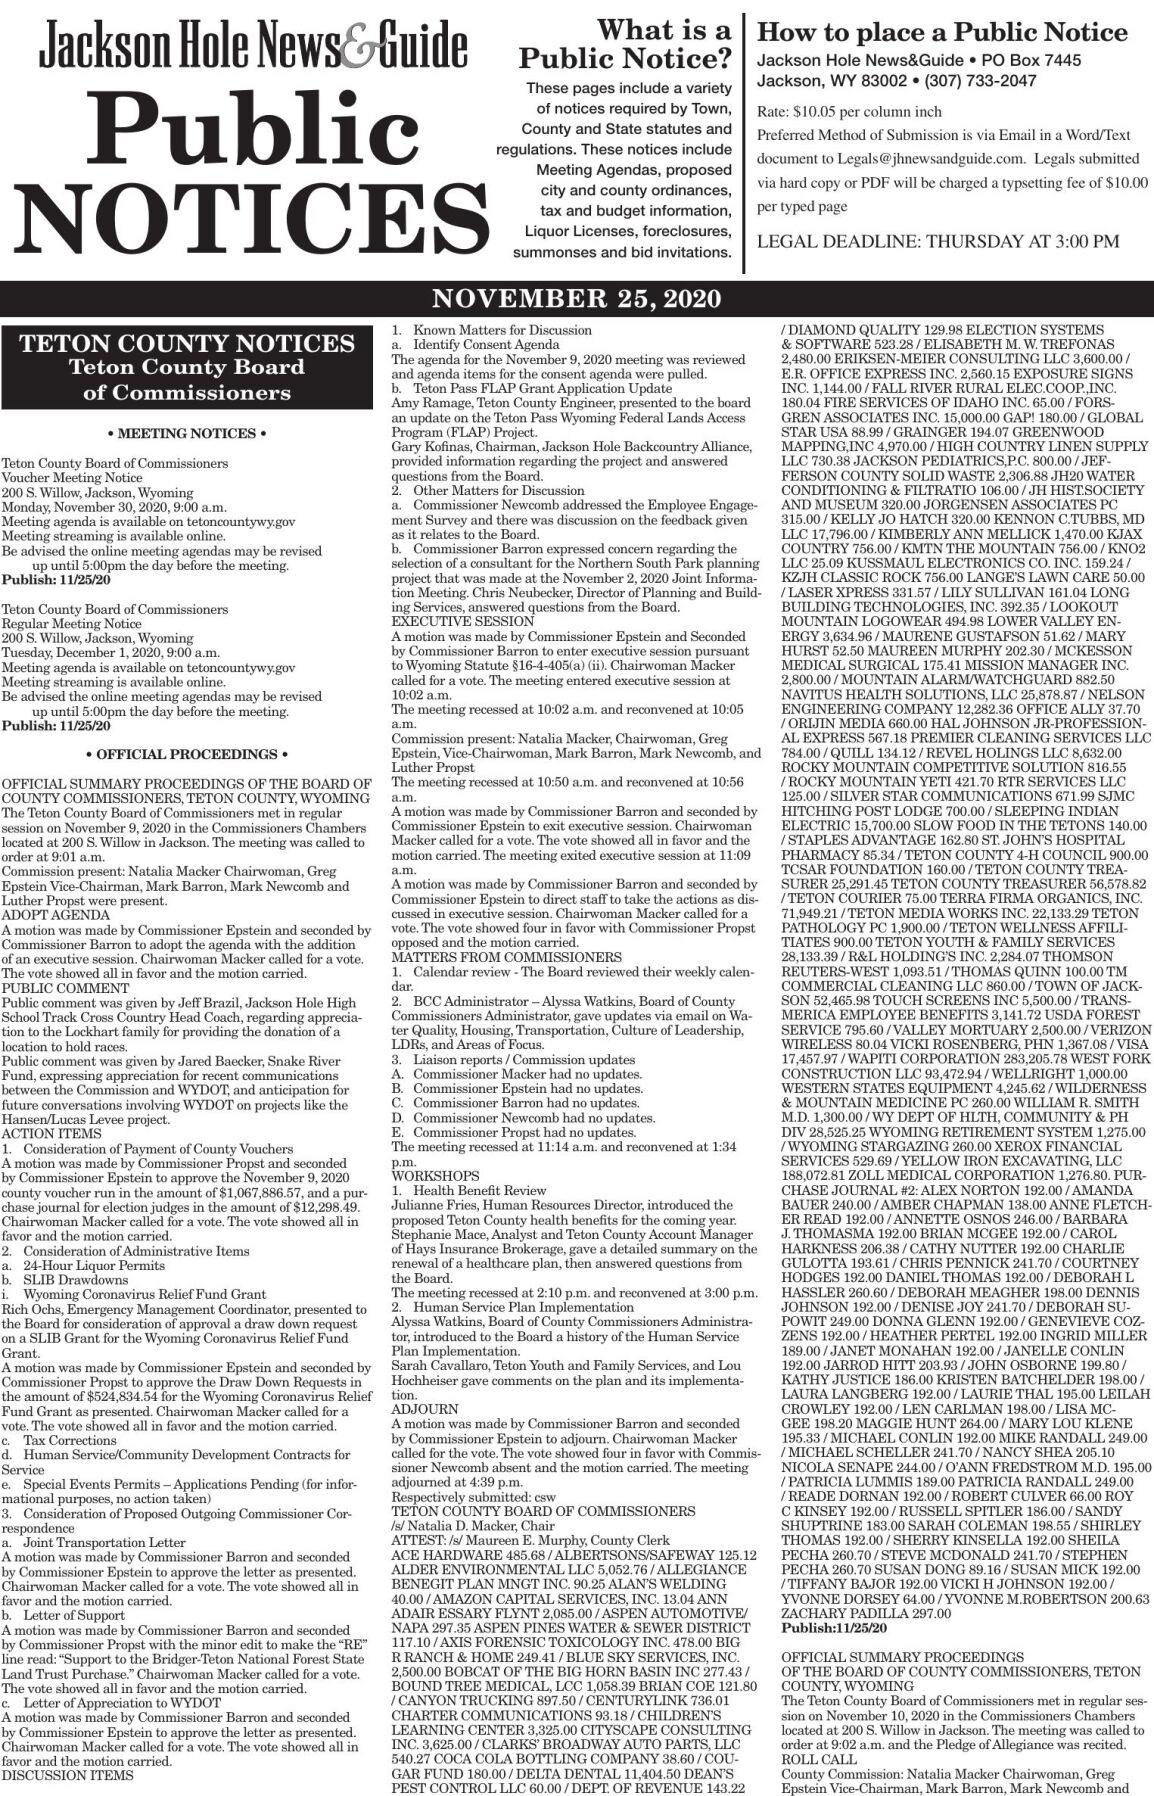 Public Notices, Nov. 25, 2020